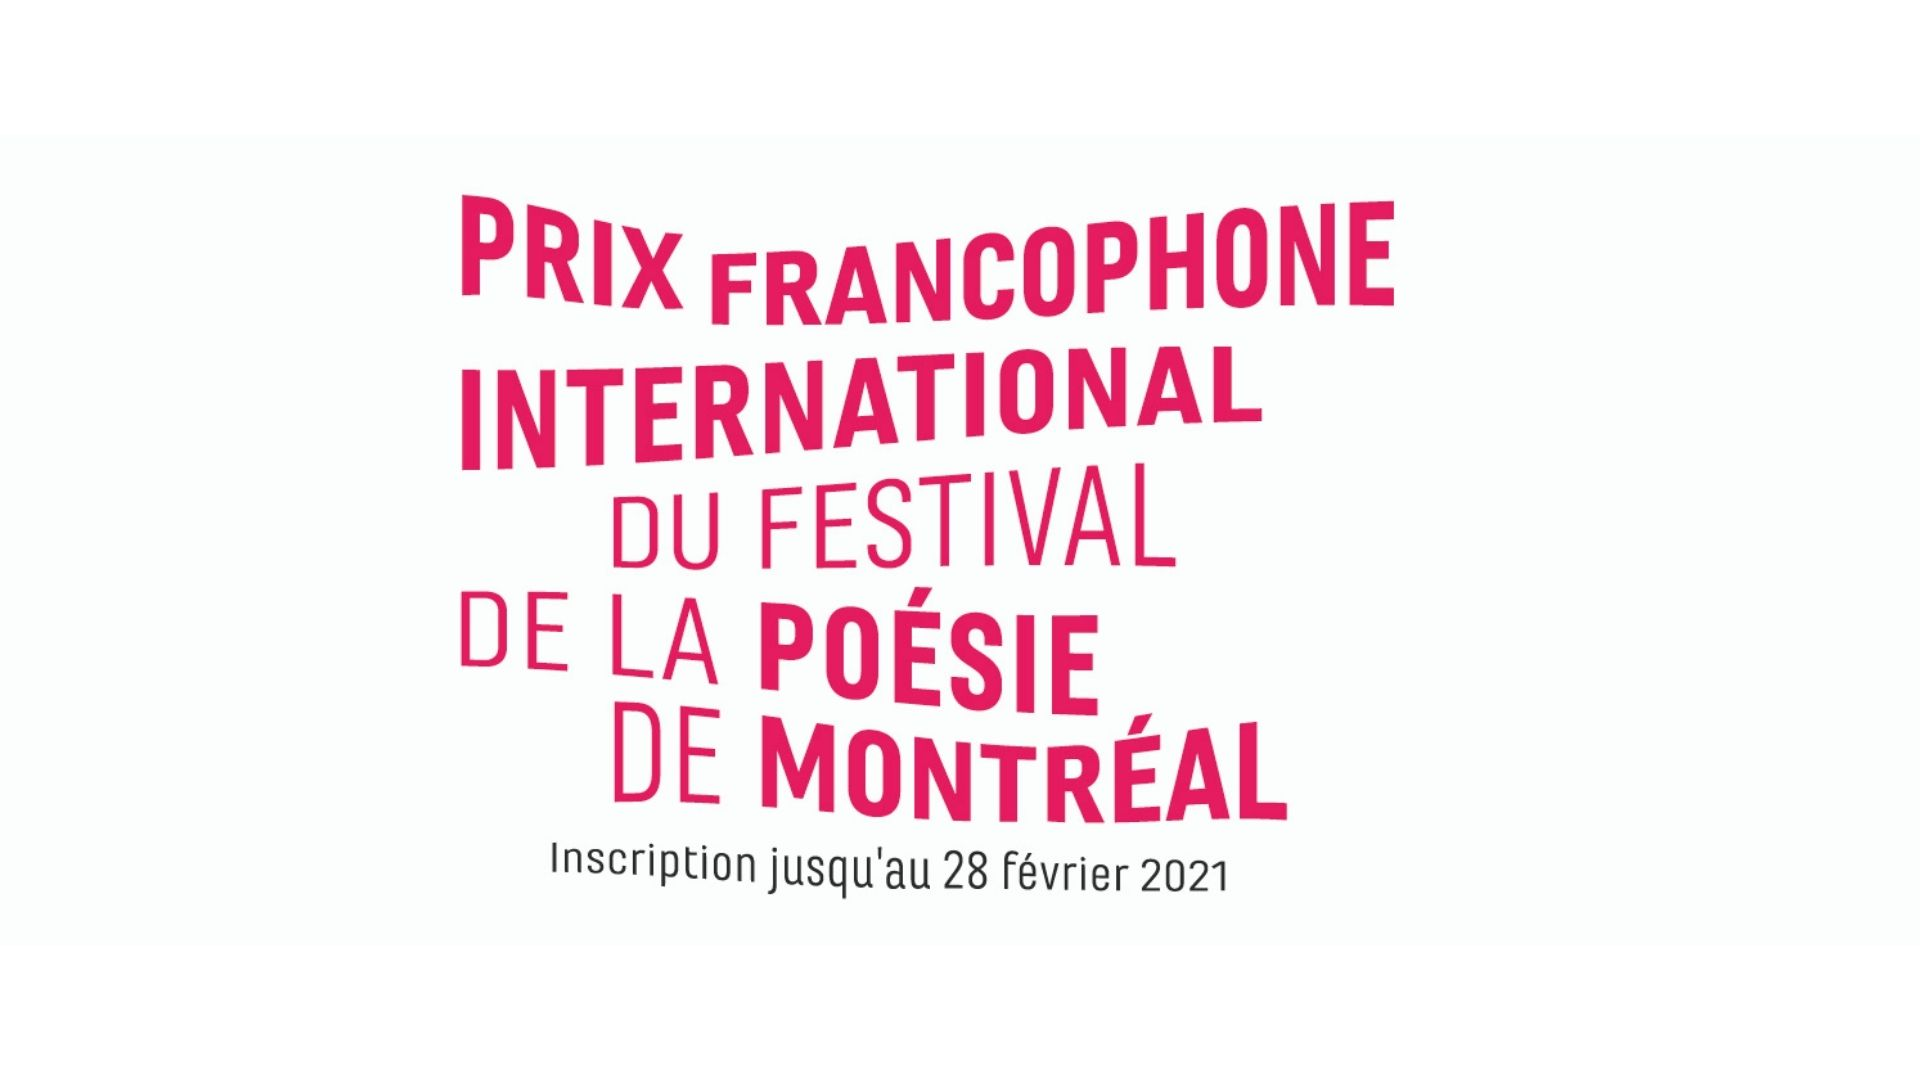 Inscription au Prix francophone international du Festival de la poésie de Montréal